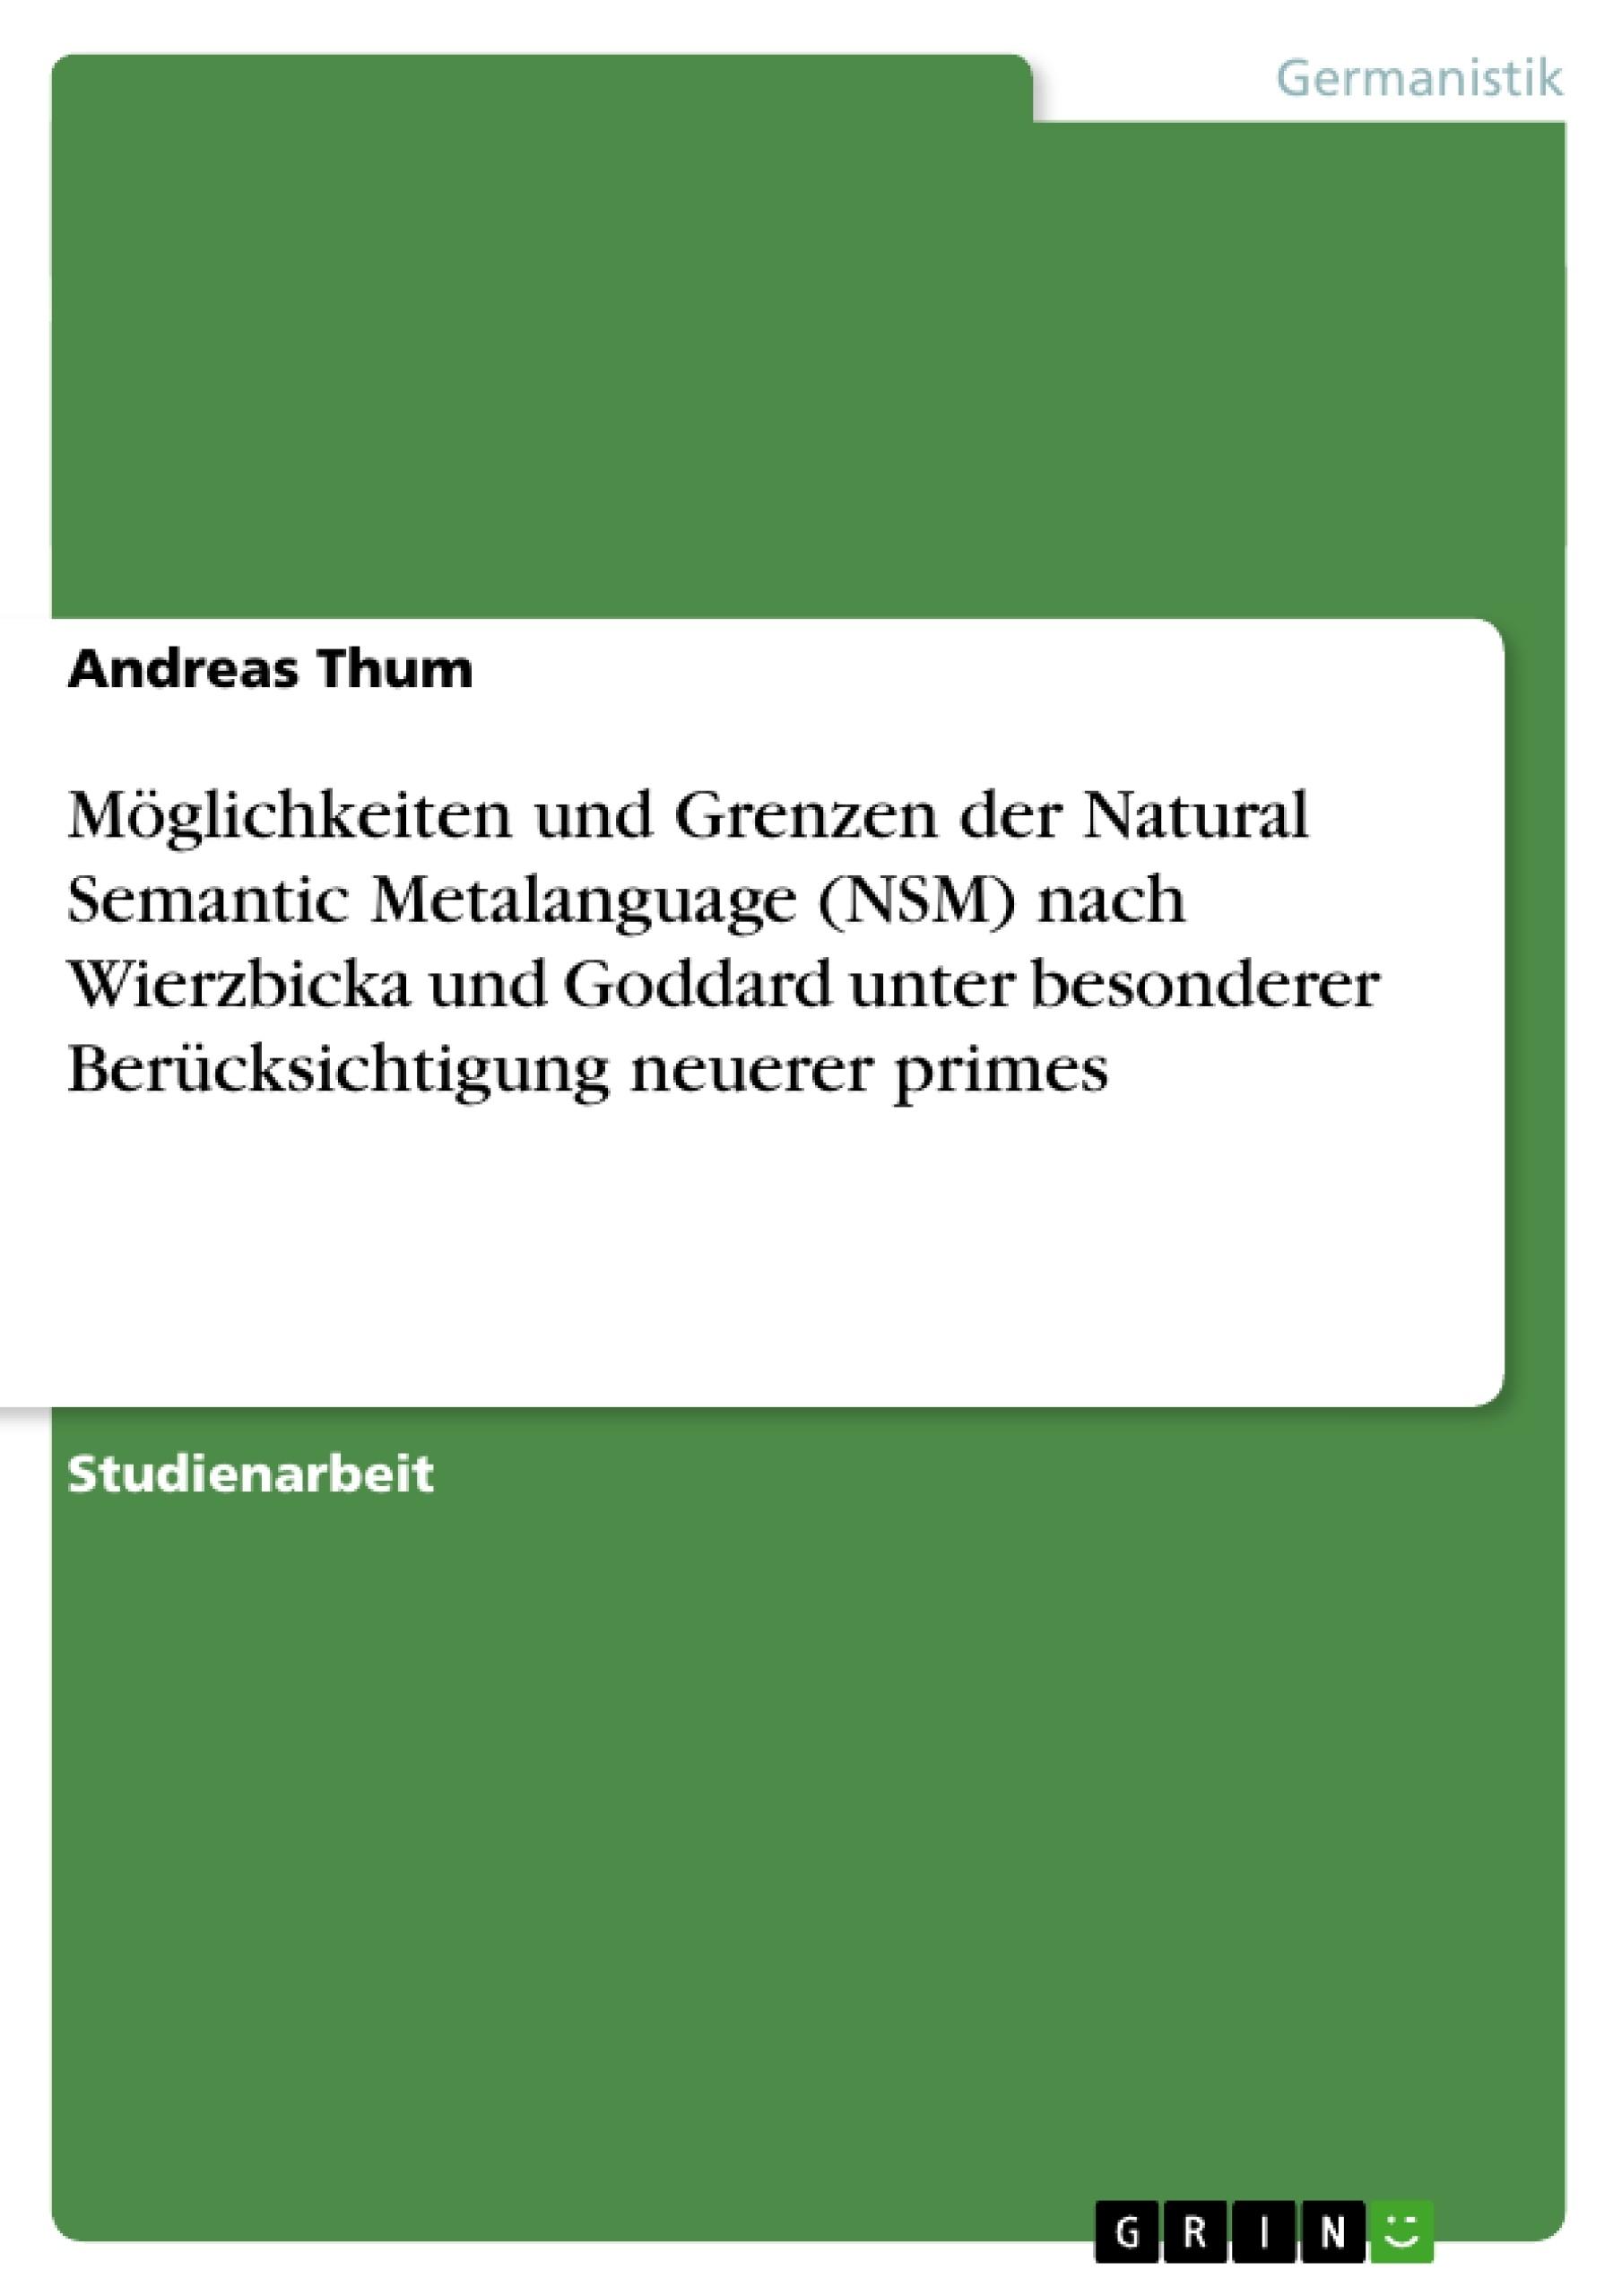 Titel: Möglichkeiten und Grenzen der Natural Semantic Metalanguage (NSM) nach Wierzbicka und Goddard unter besonderer Berücksichtigung neuerer primes